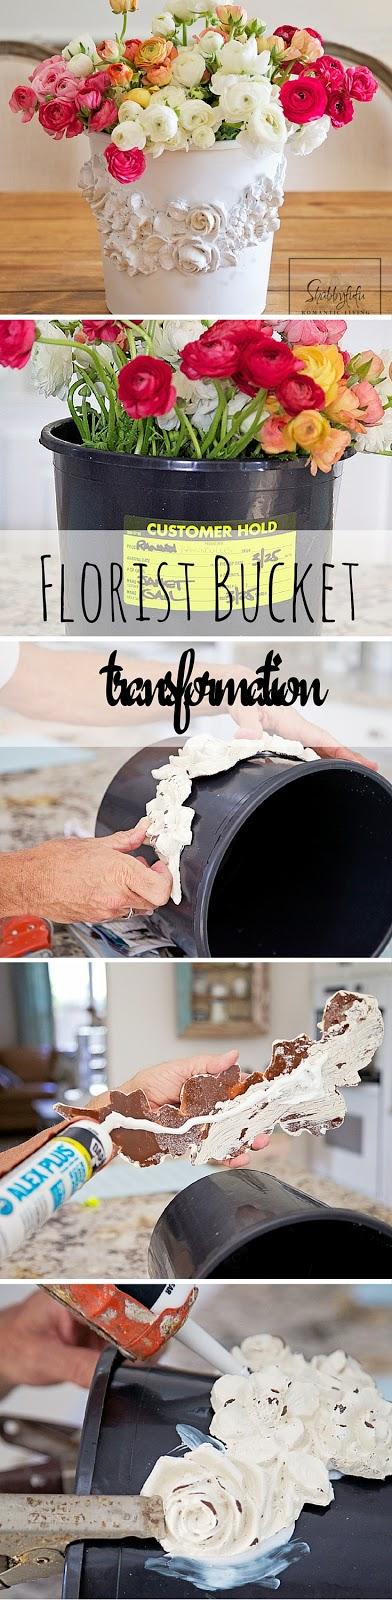 flower bucket transformation pinterest graphic